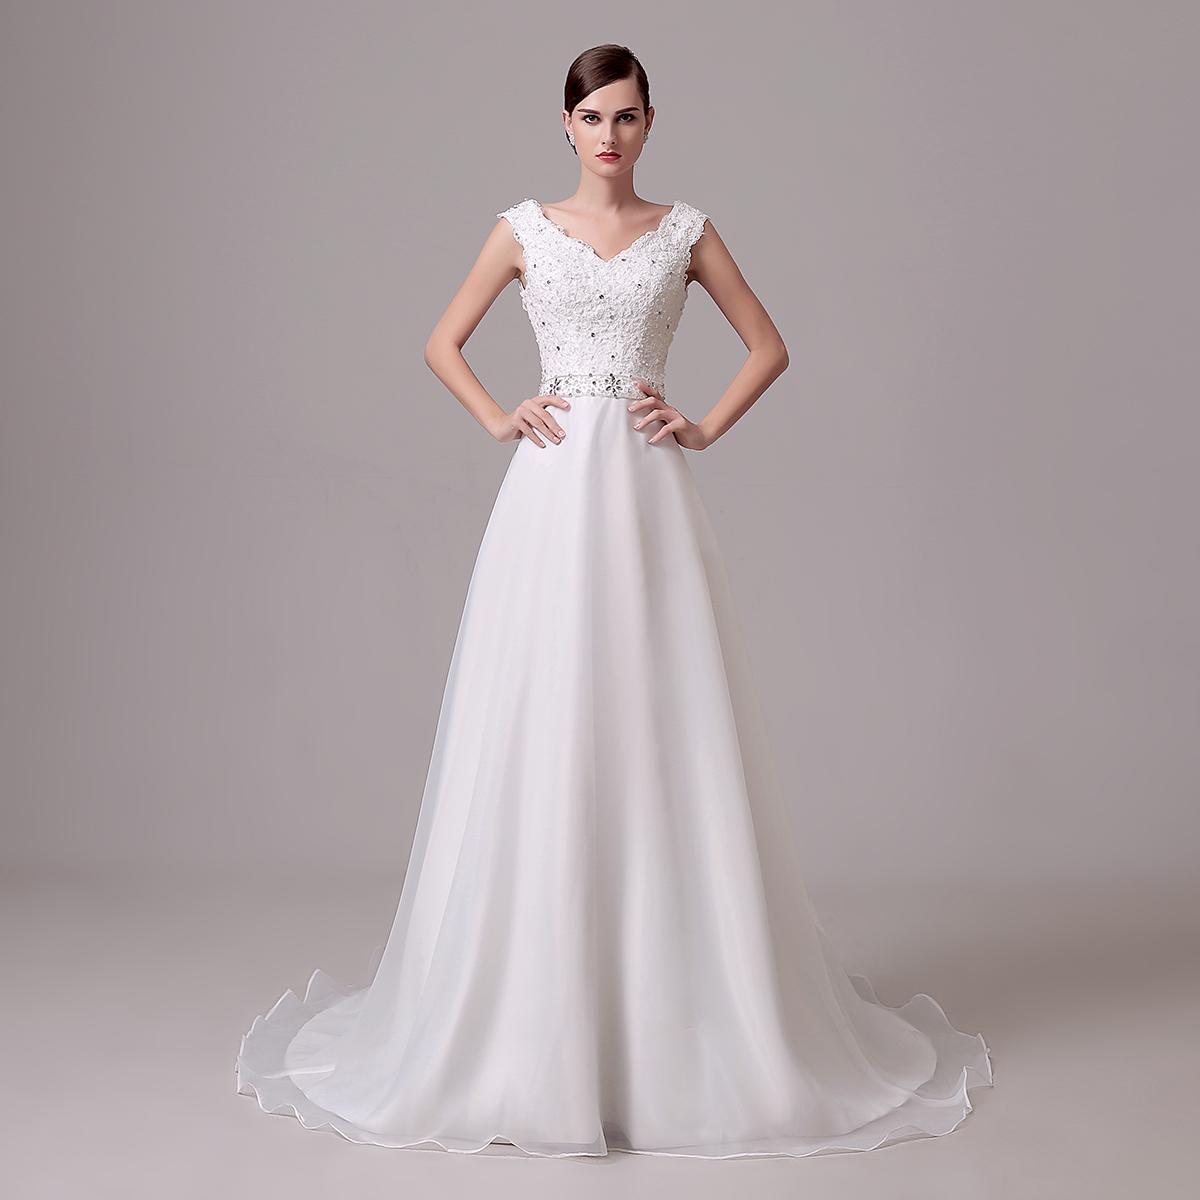 Perlen-Kristallhochzeits-Kleid-Spitze 2018 eine Linie Schößchen-Bogen auf Lager hergestellt in China Elegante weiße Brautkleider 2018 vestido de Novia